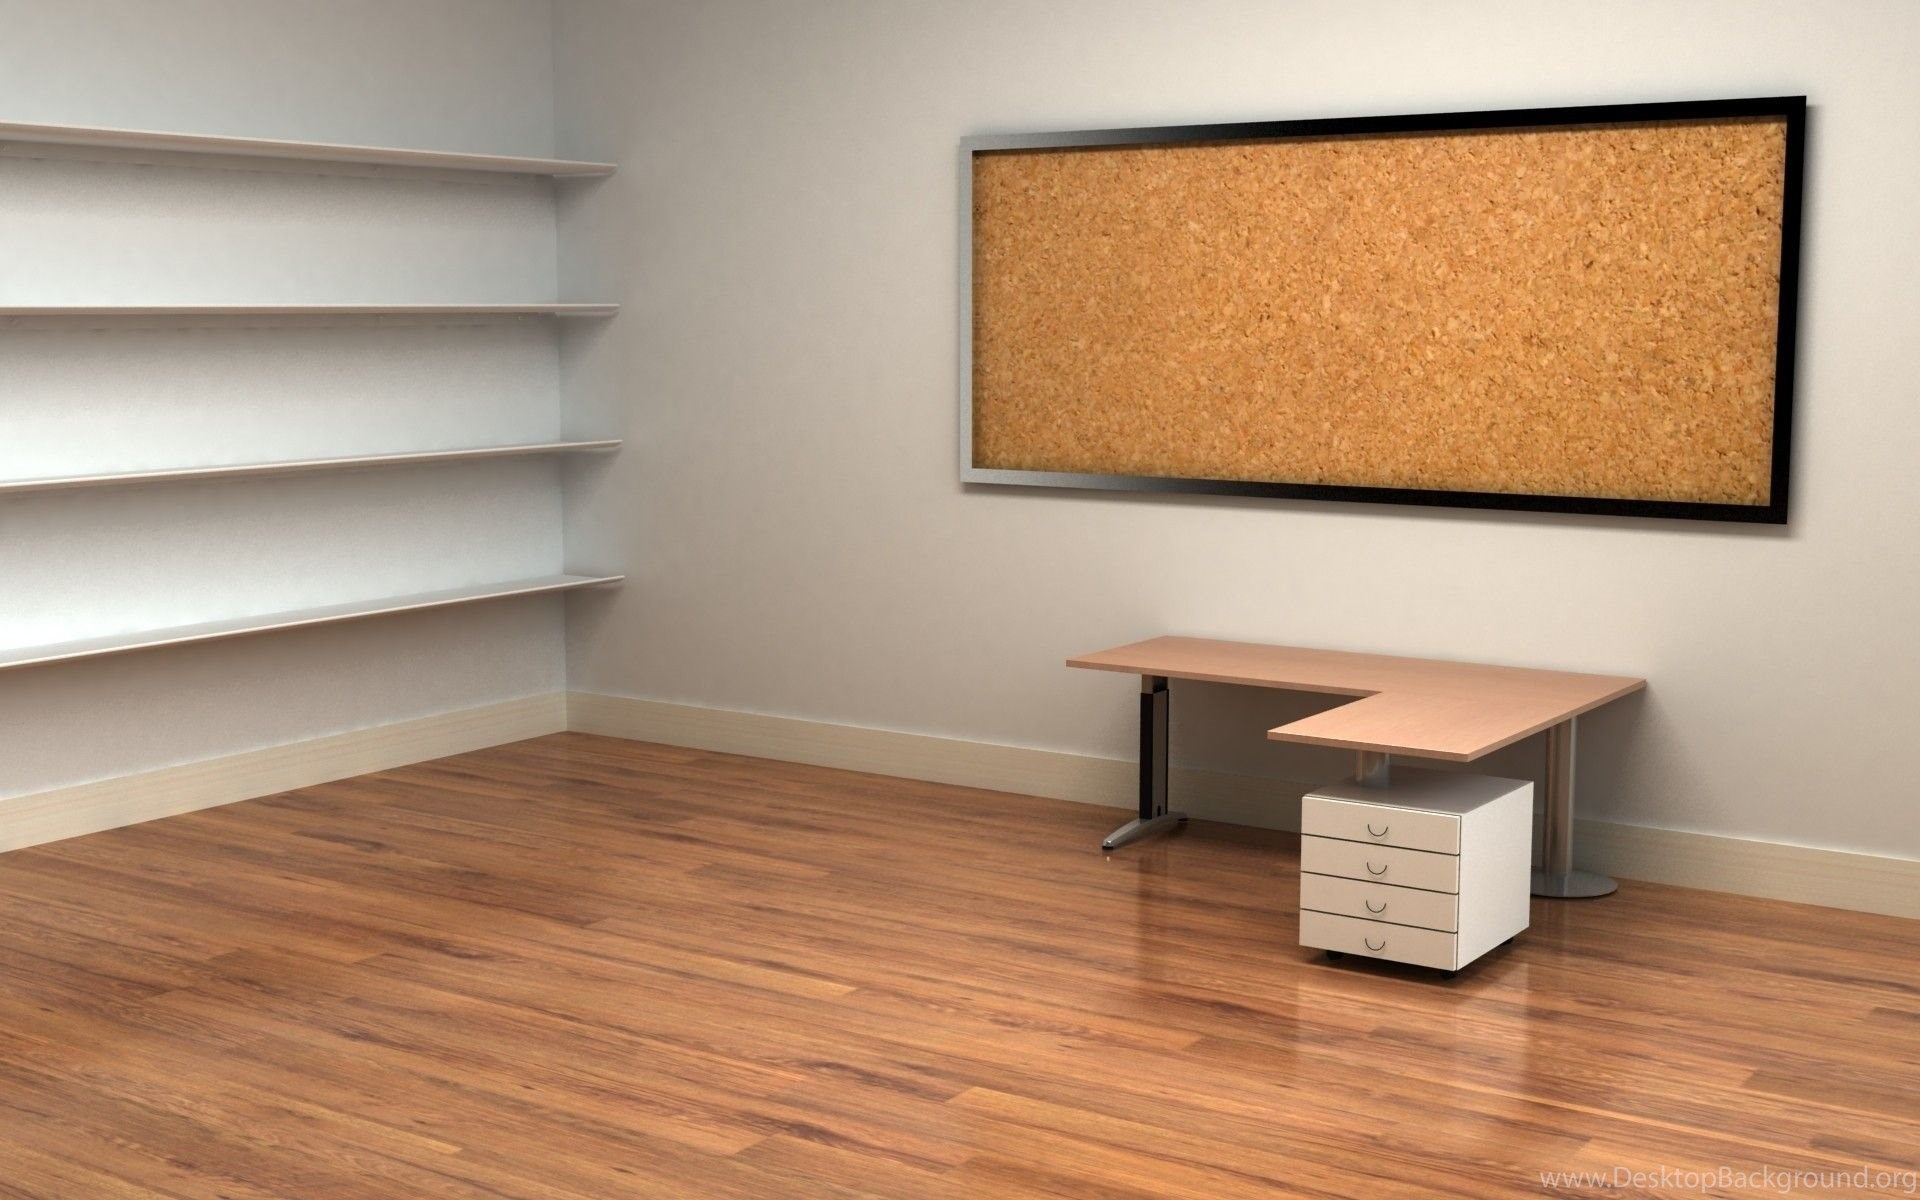 computer desktop organizer wallpapers on pinterest desktop background. Black Bedroom Furniture Sets. Home Design Ideas